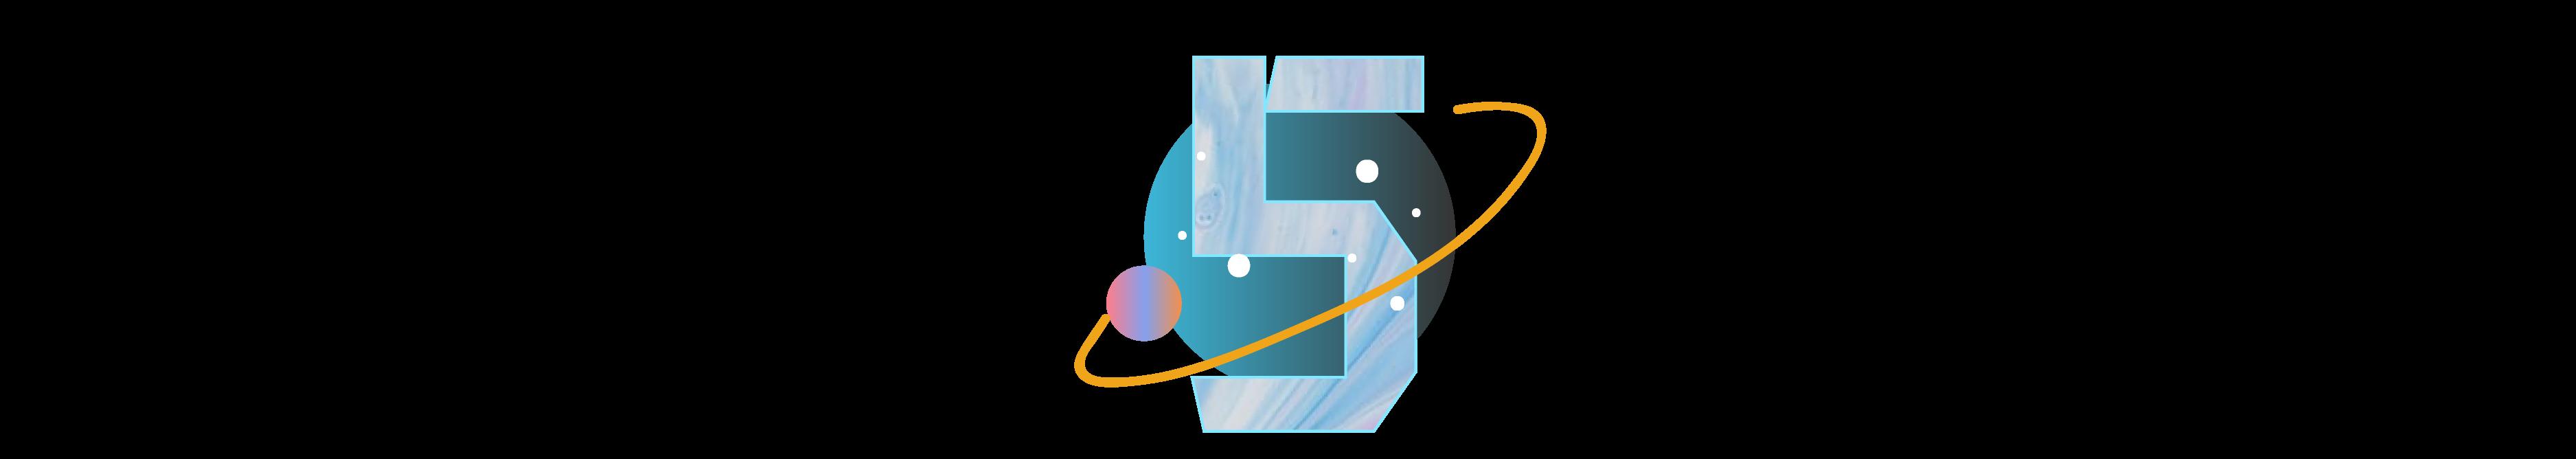 2021年6月十二星座塔罗运势,2021年运势最好的星座  第11张